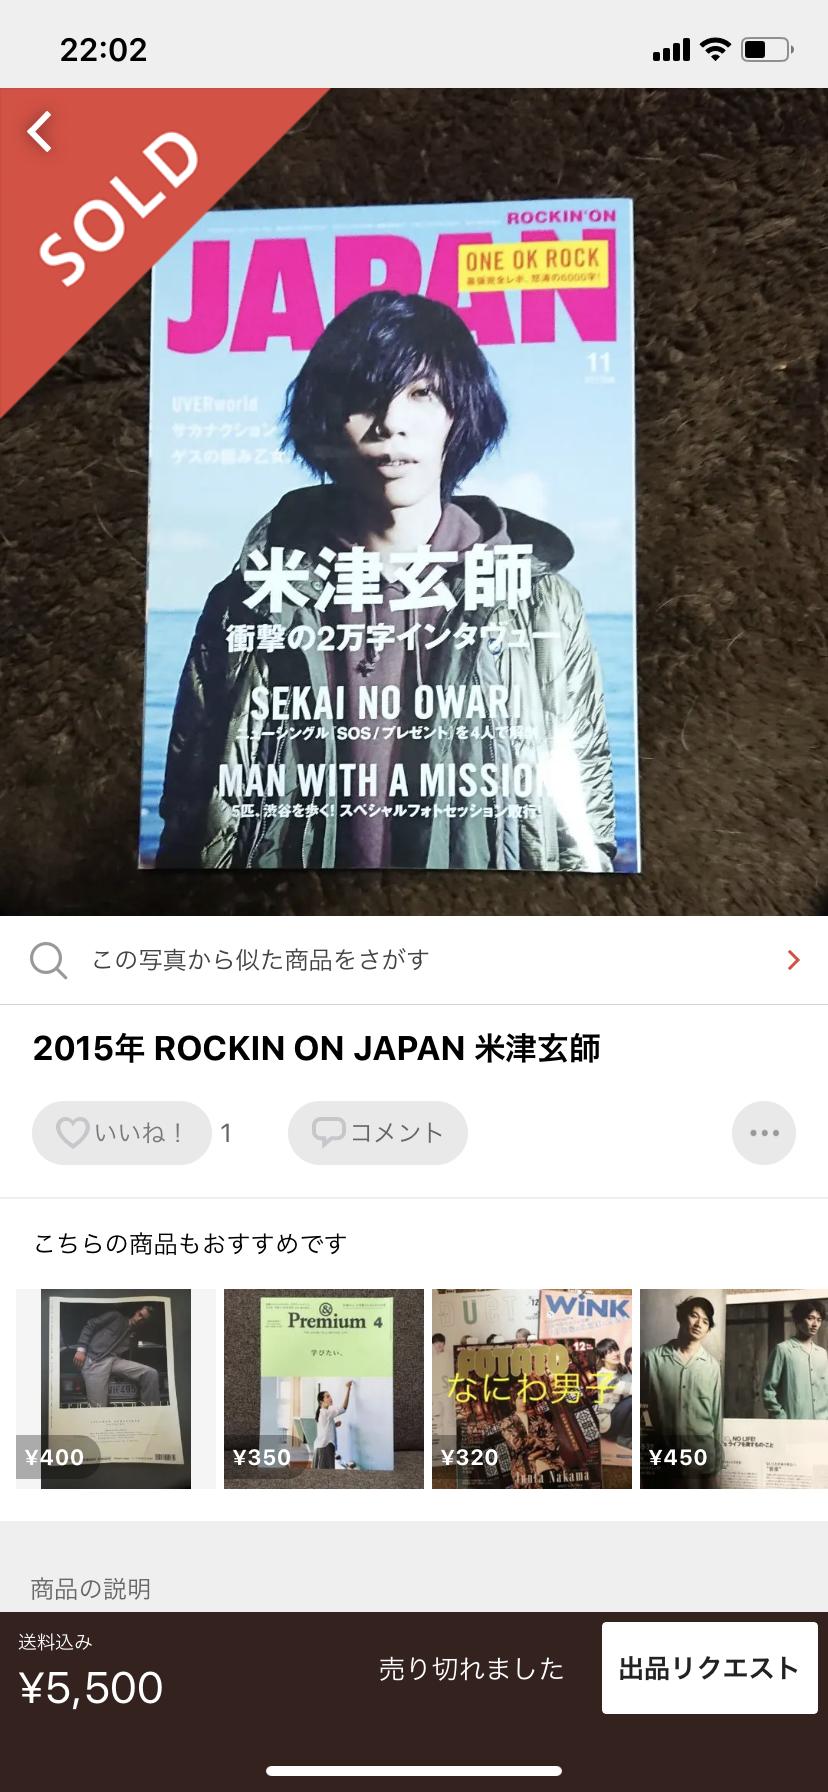 米津玄師のROCKIN' ON JAPANが5000円以上の価値になるメルカリ市場